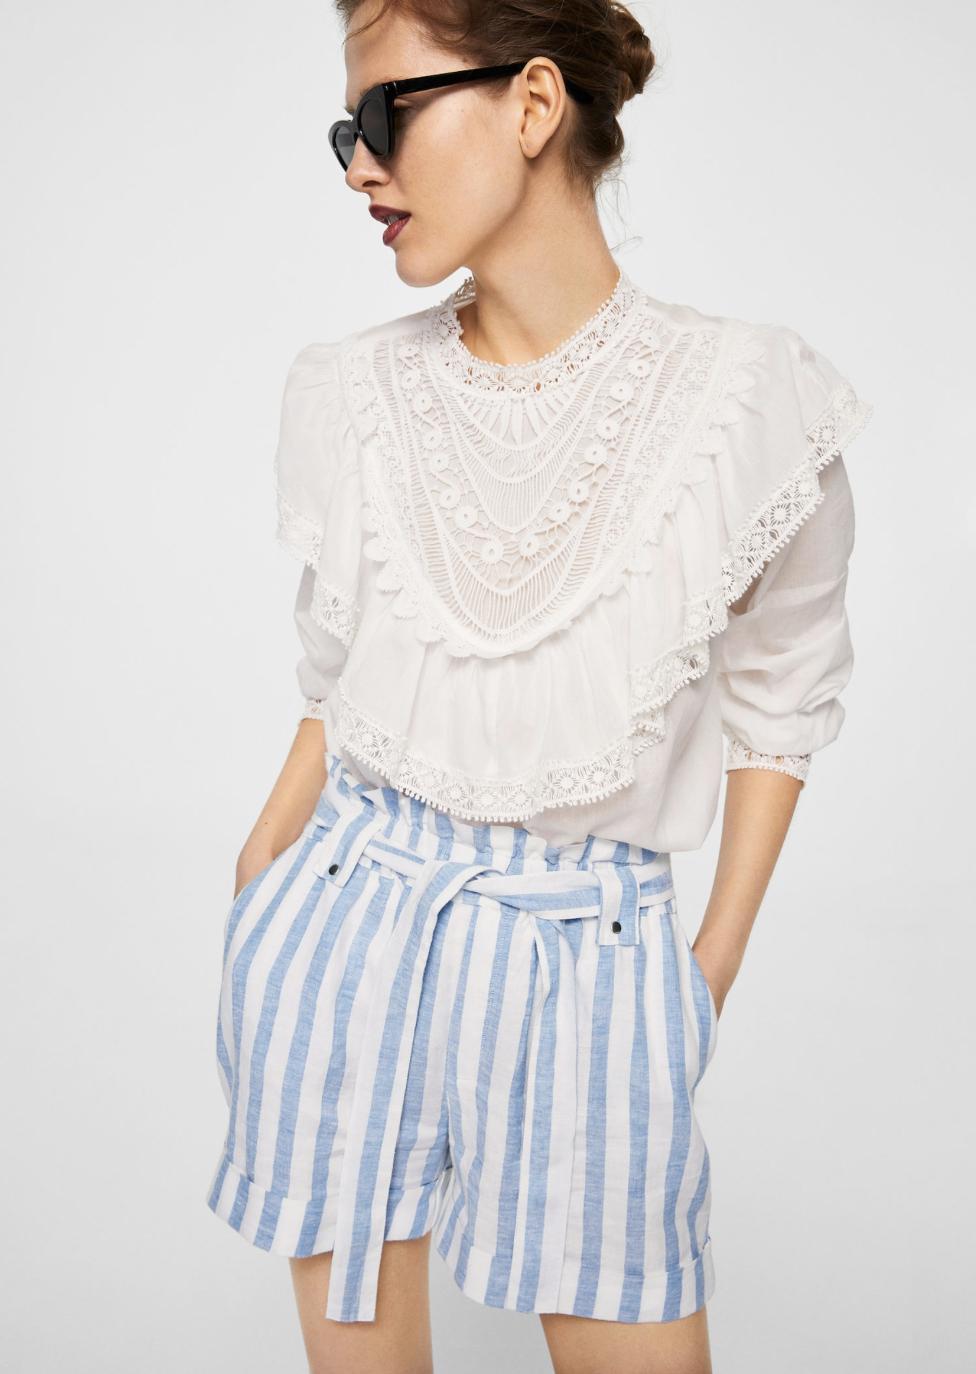 linen printed shorts –$49.99